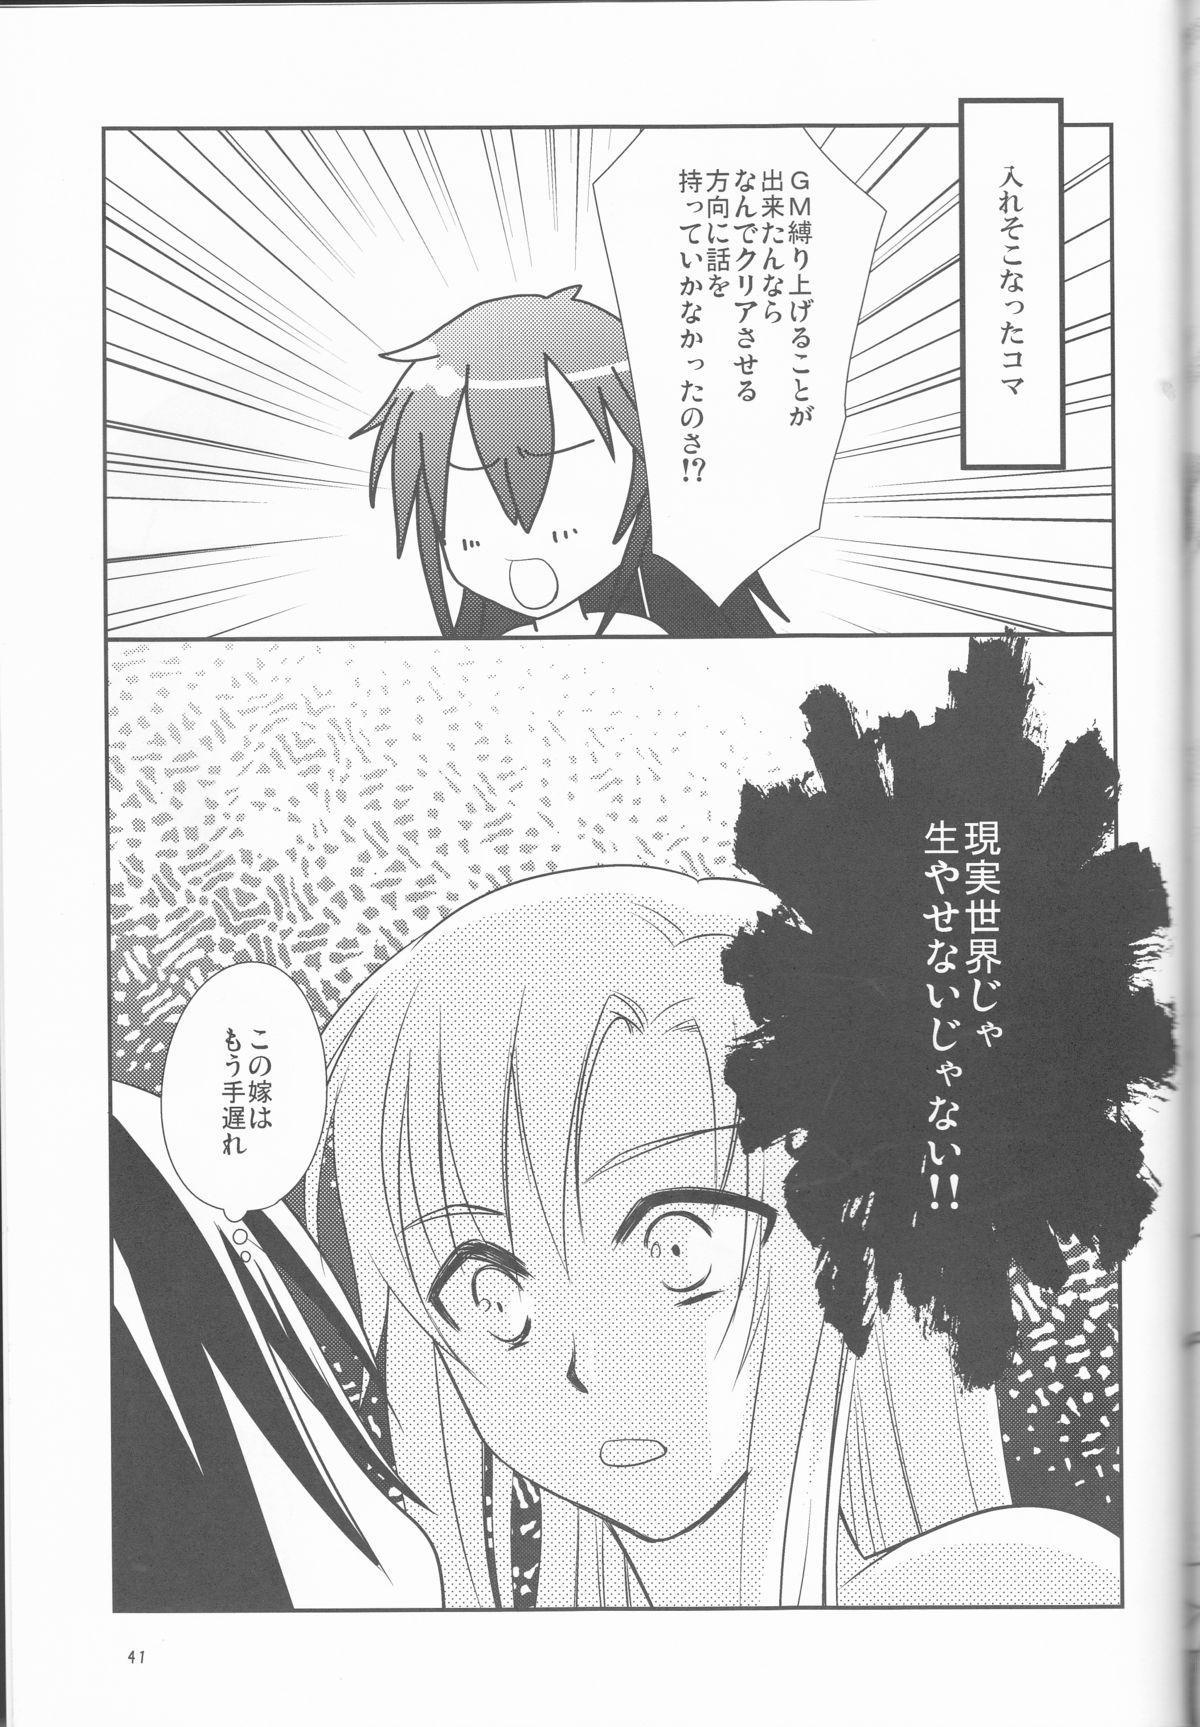 Kirito-kun no shiroku betatsuku nani ka 3 40